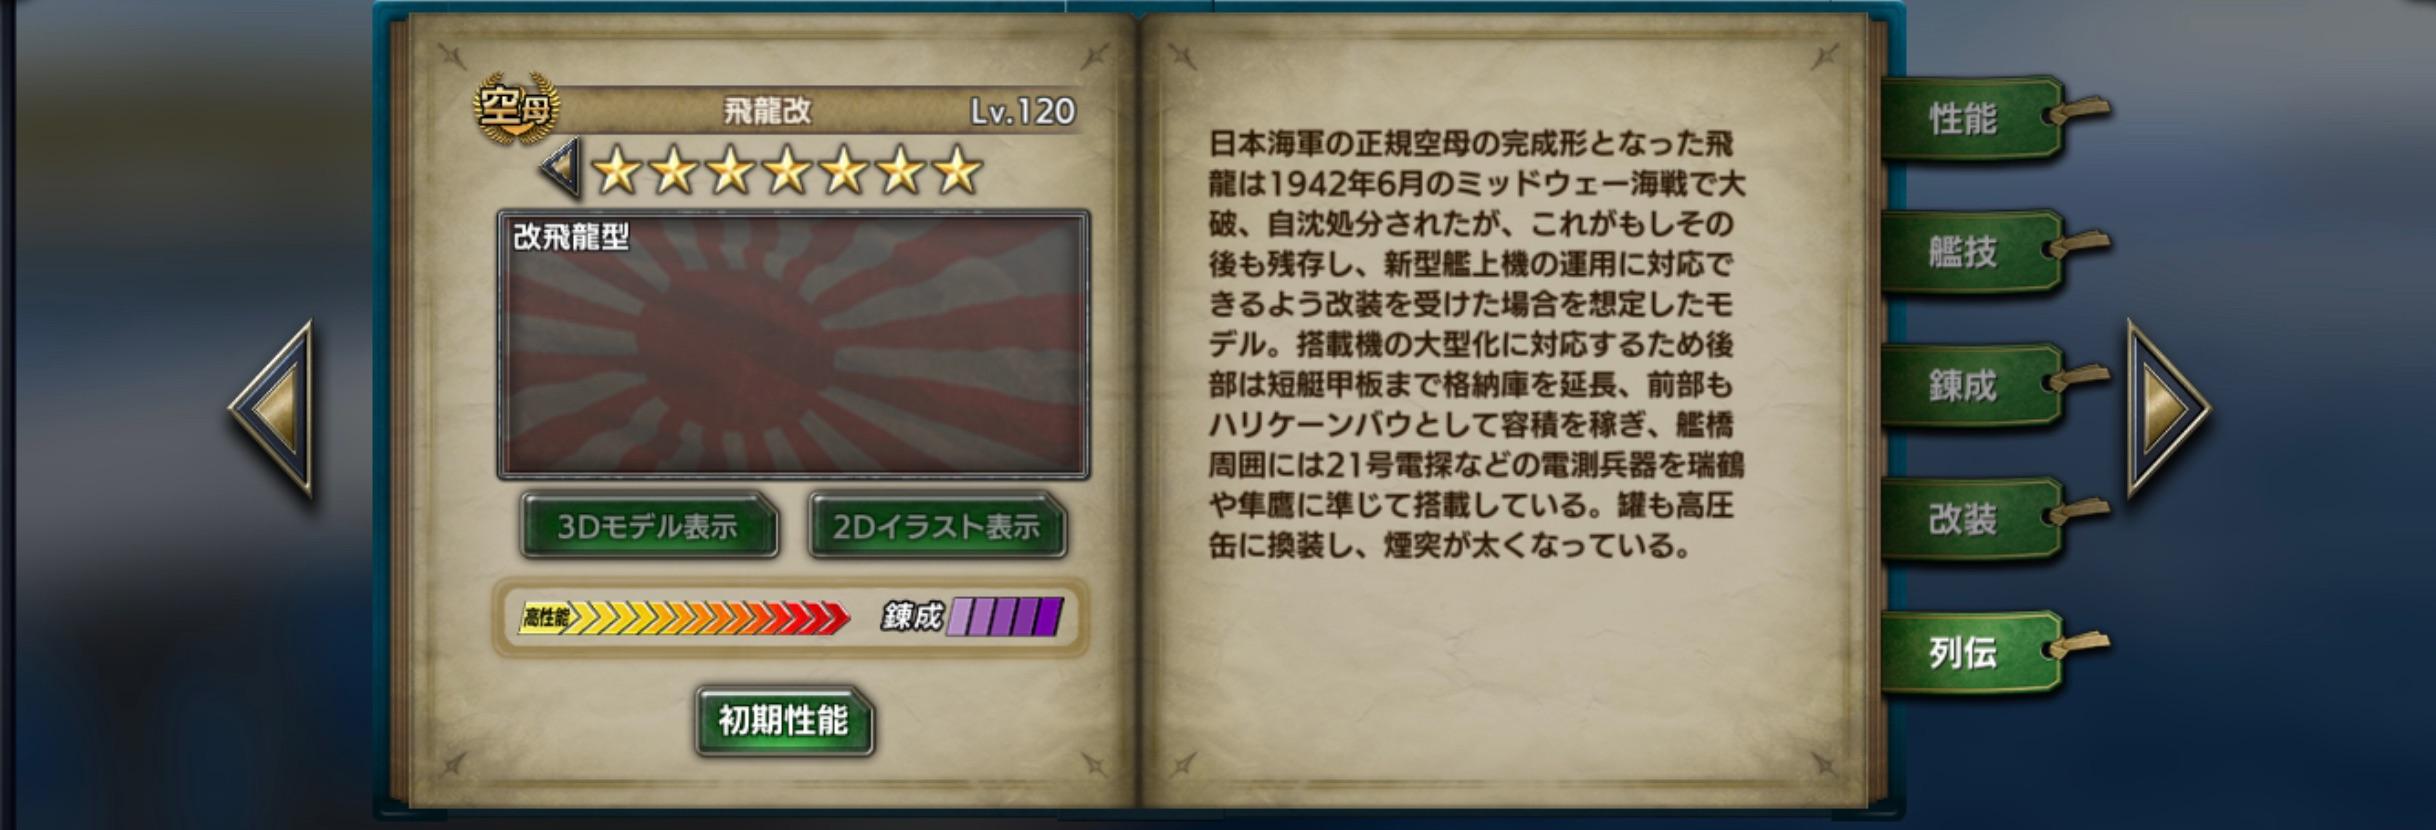 Hiryukai-history